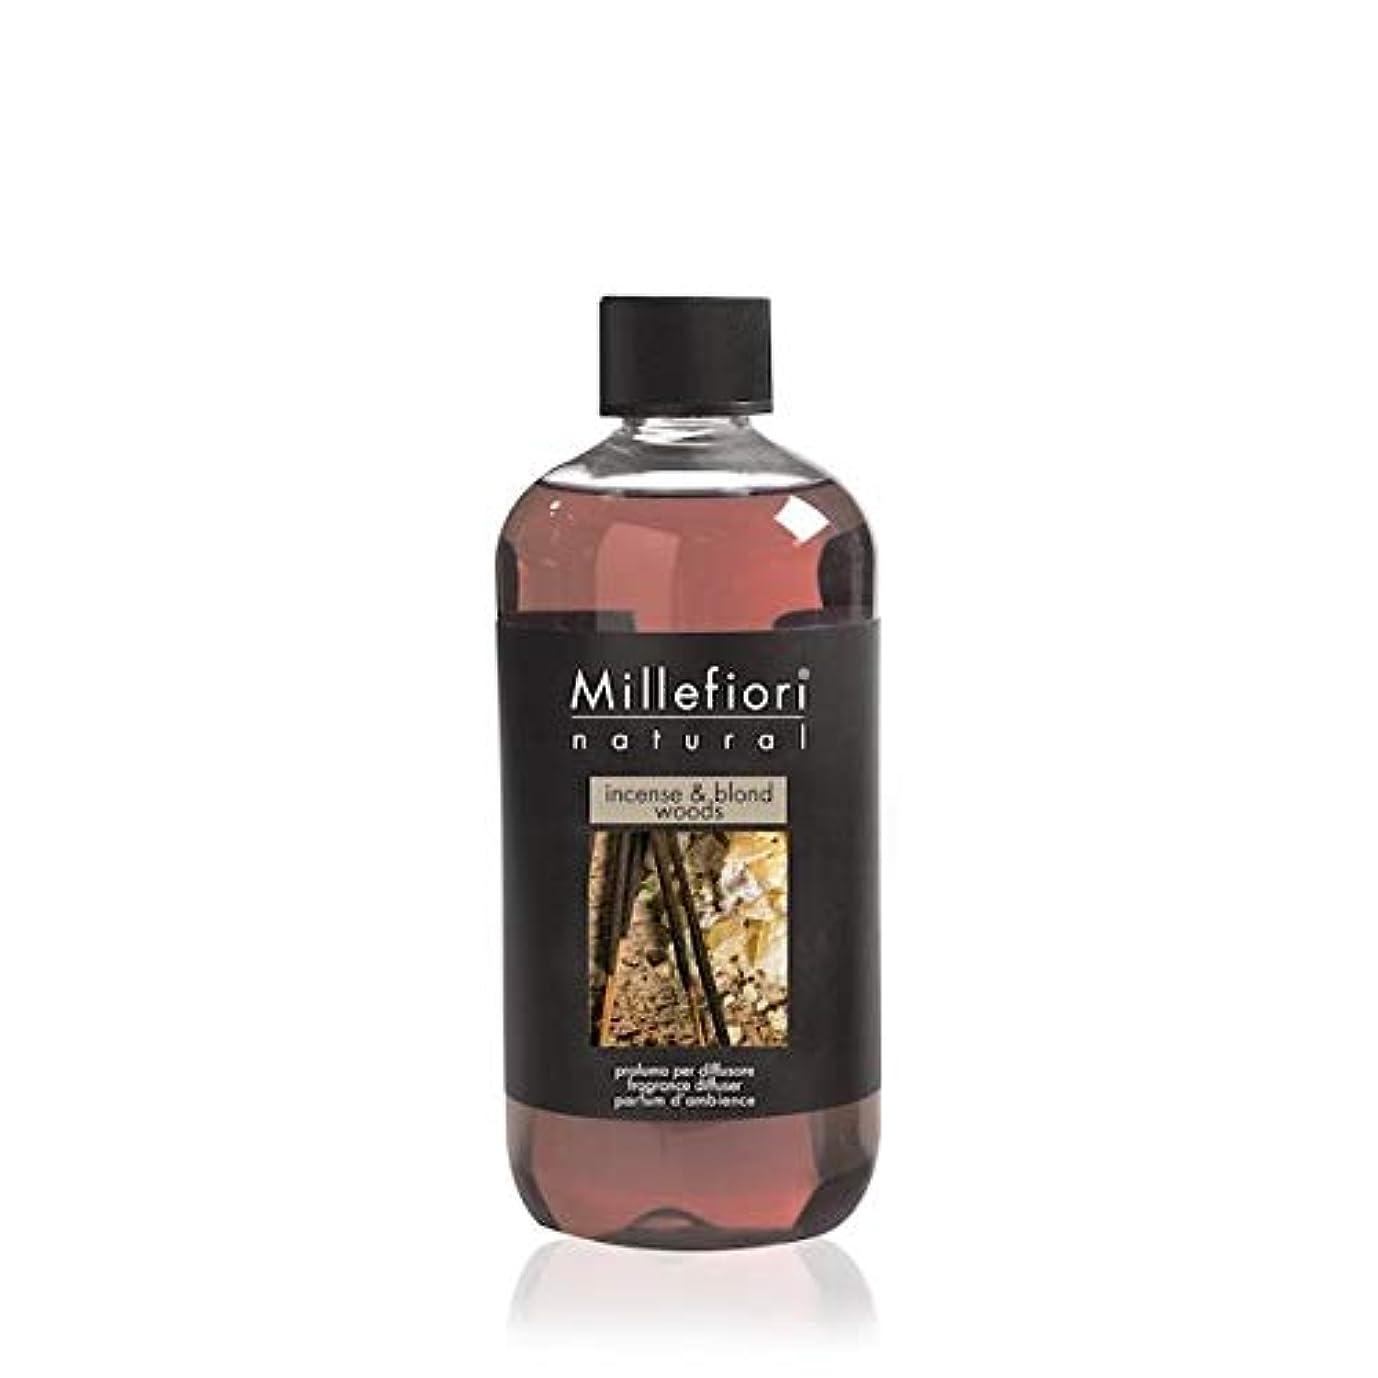 虚弱伝染性のポータルミッレフィオーリ(Millefiori) Natural インセンス&ブロンドウッズ(INCENSE & BLOND WOODS) 交換用リフィル500ml [並行輸入品]